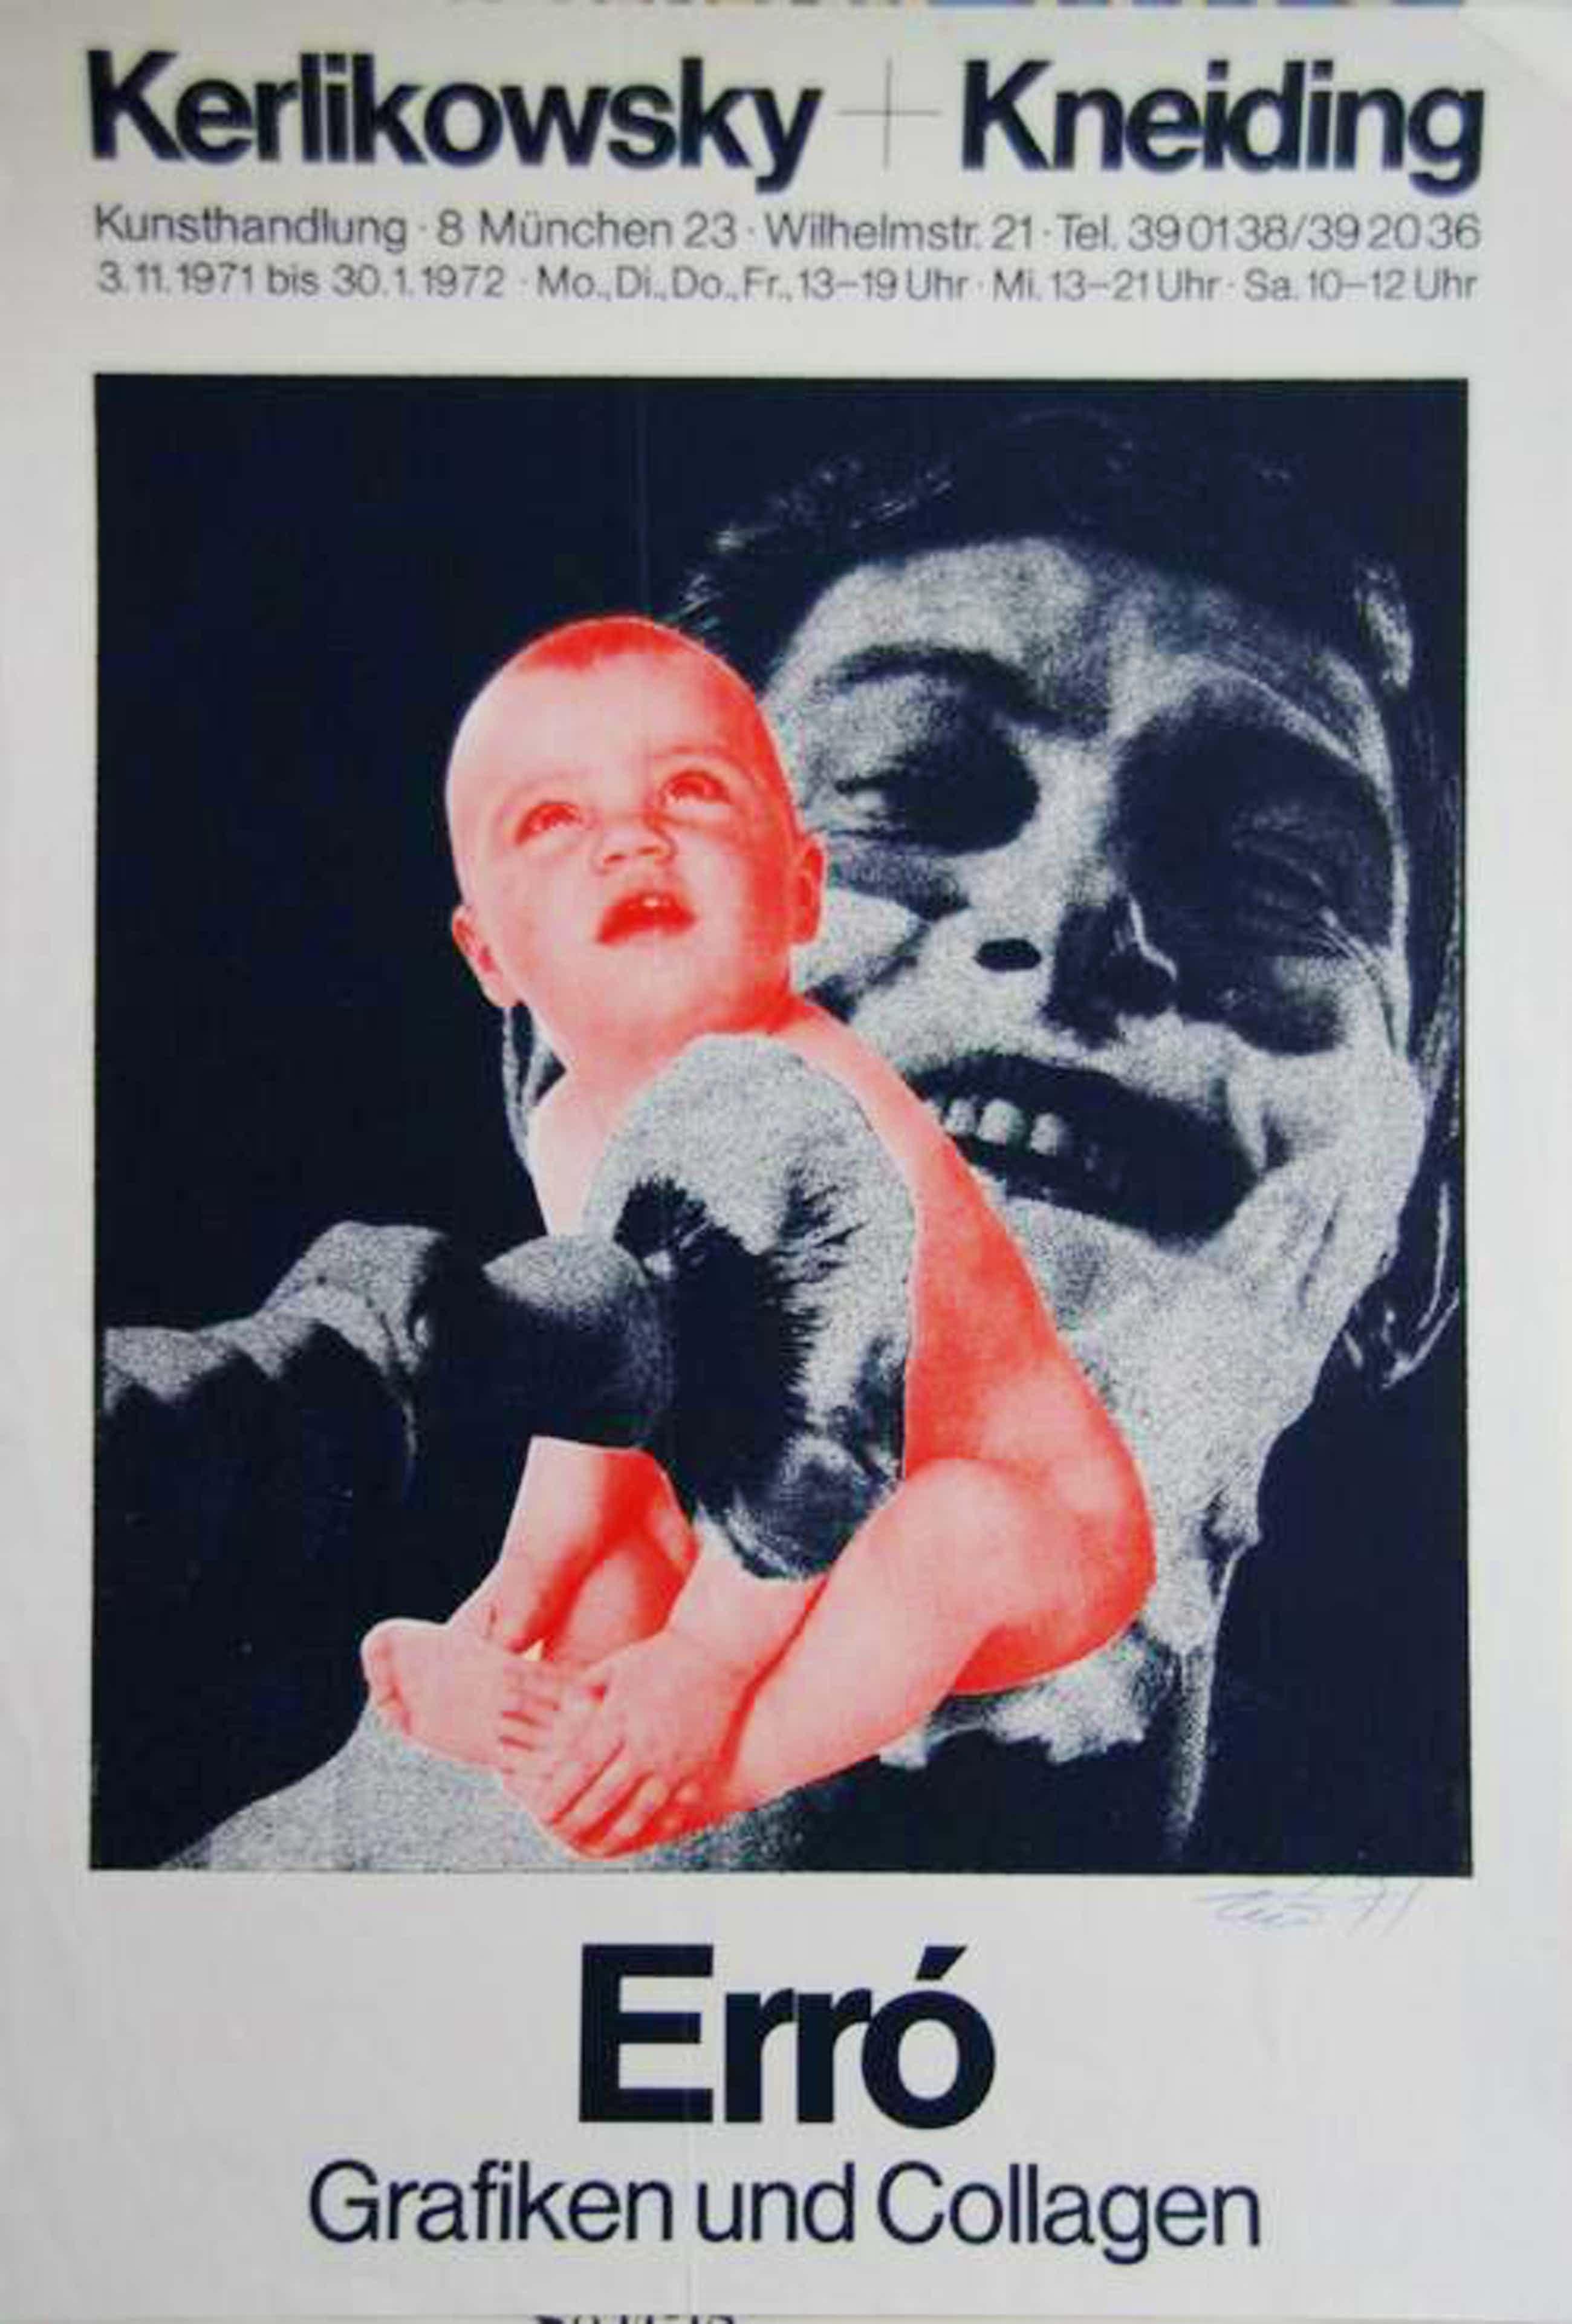 Erro - Erro Plakat, signiert, Kerlikowsky + Kneiding, München, 3.11.1971 bis 30.1.1972 kopen? Bied vanaf 90!